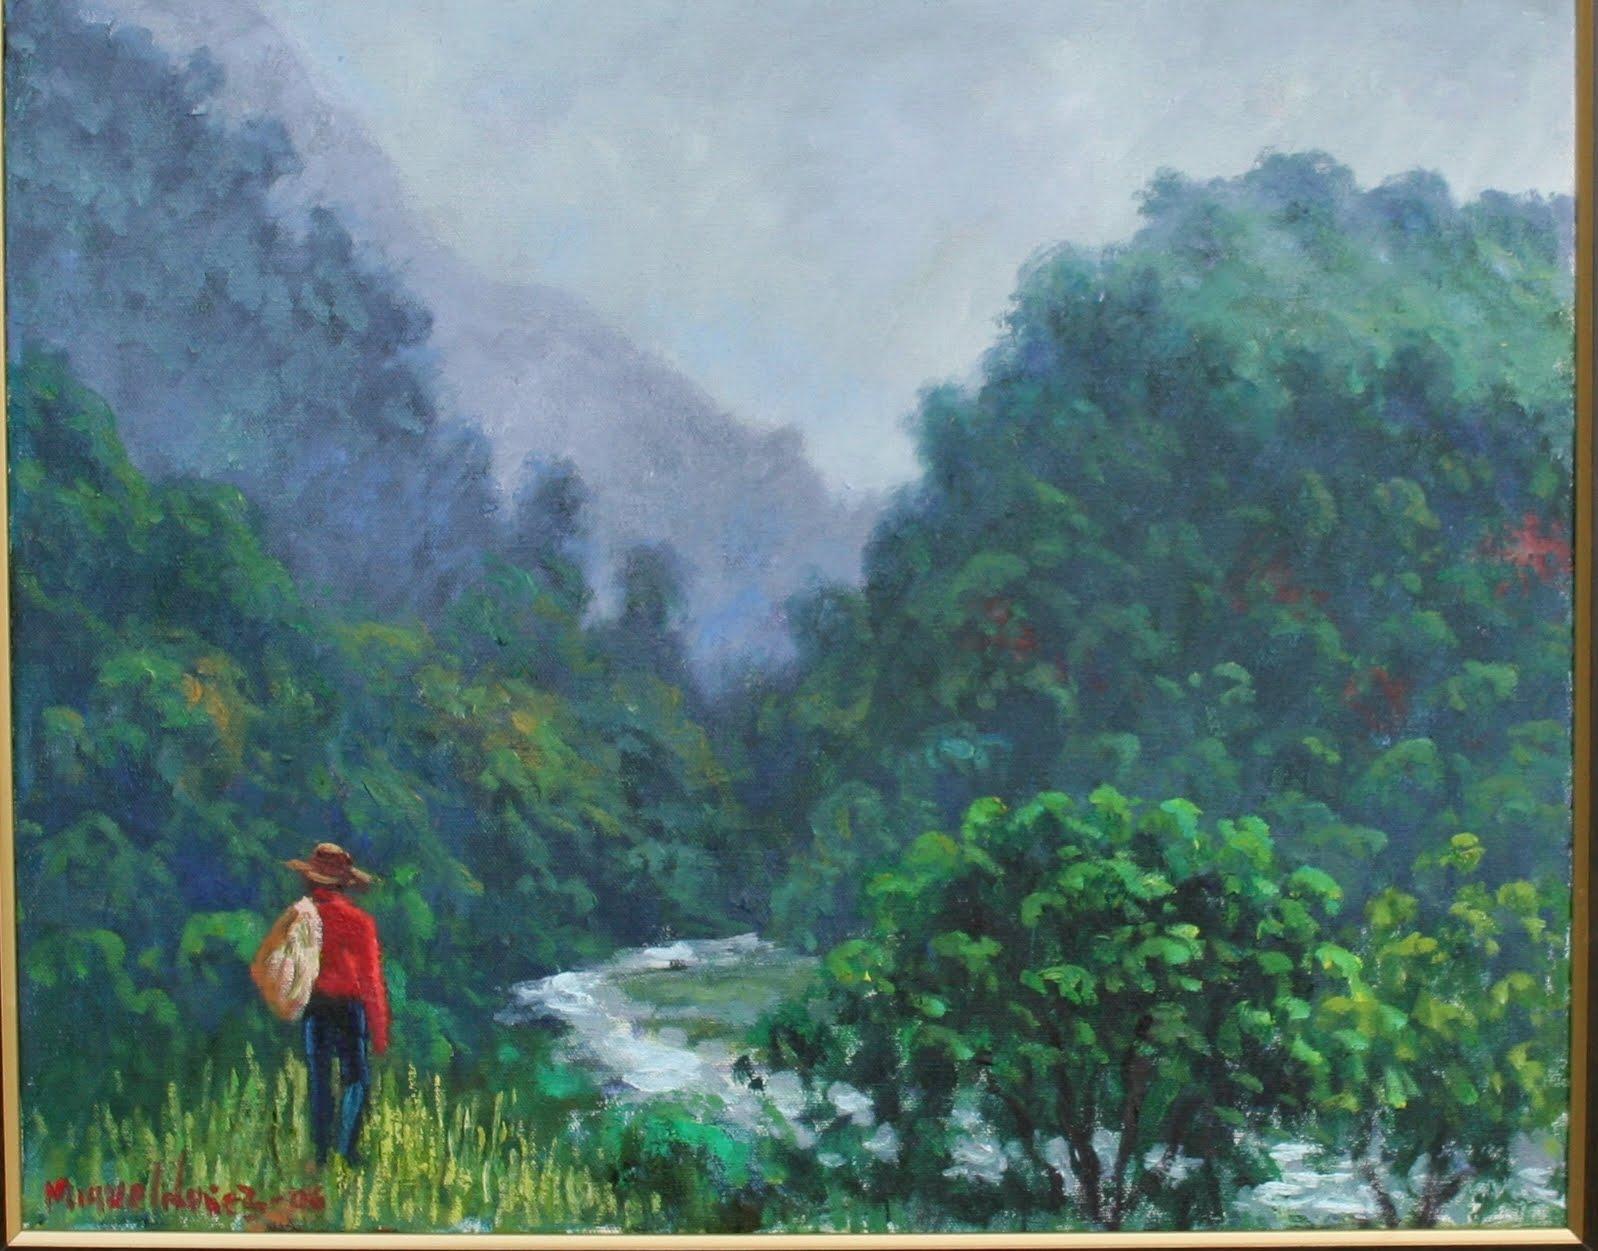 El rió Yuna bordeando ruta ecológica Cordillera Central